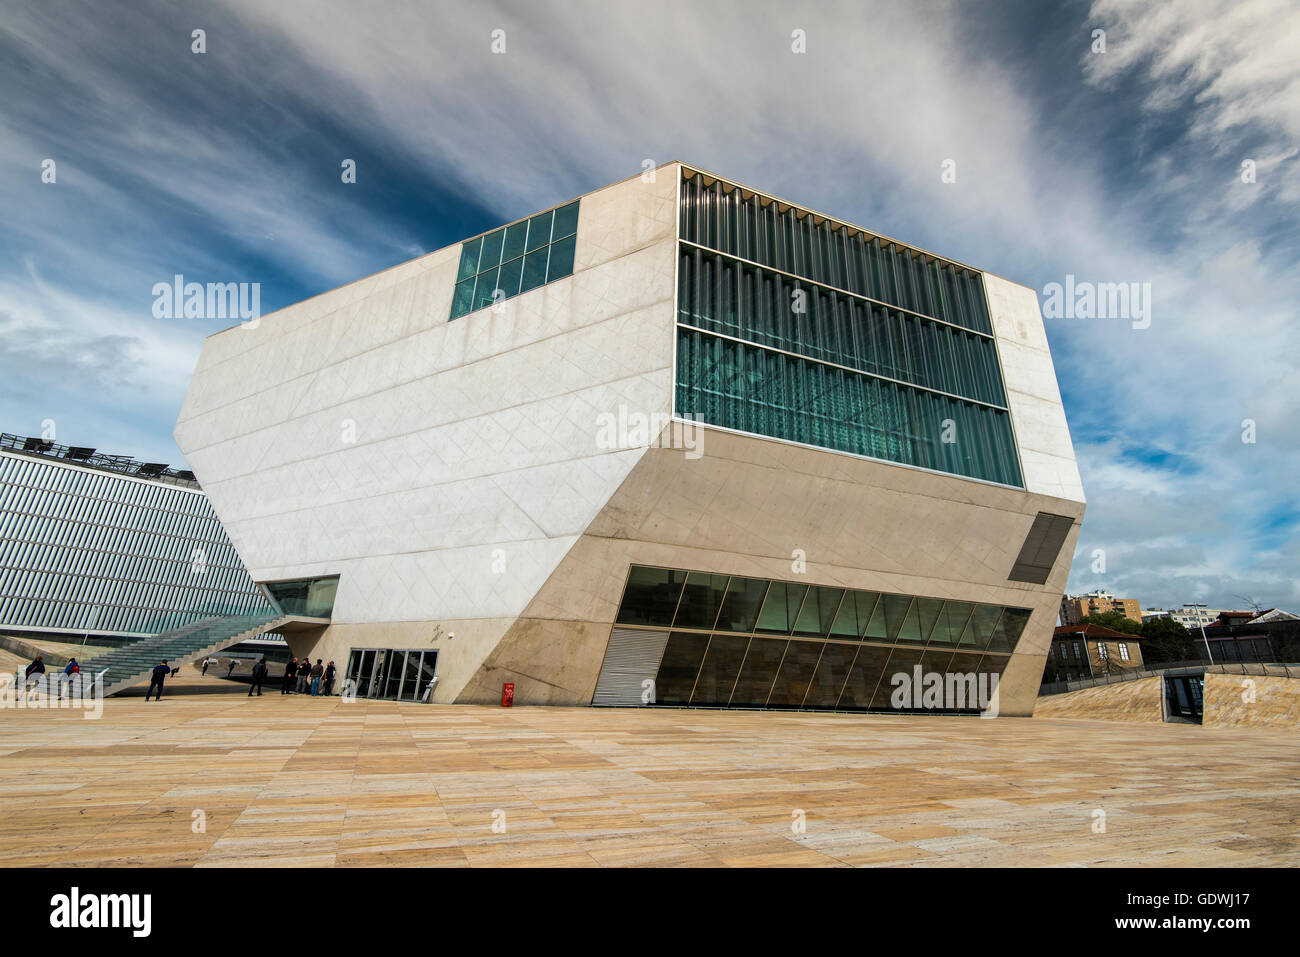 La Casa da Musica Concert Hall, Porto, Portugal Imagen De Stock